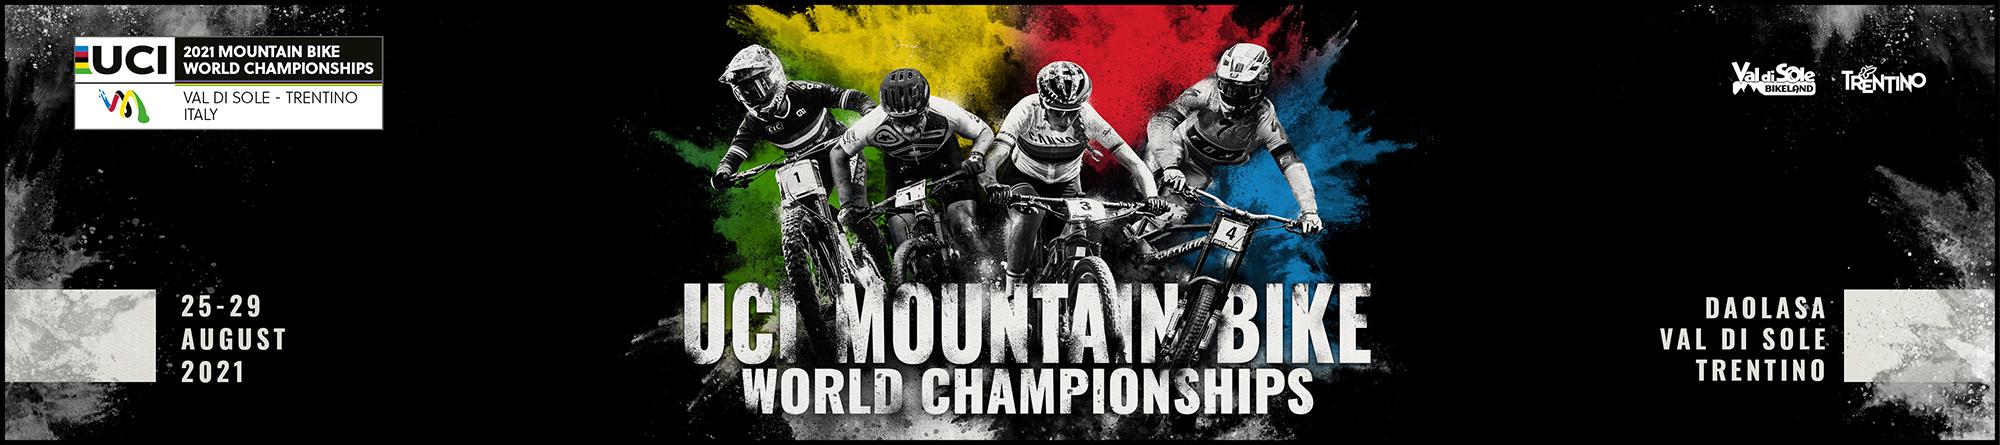 Campionati del Mondo MTB 2021